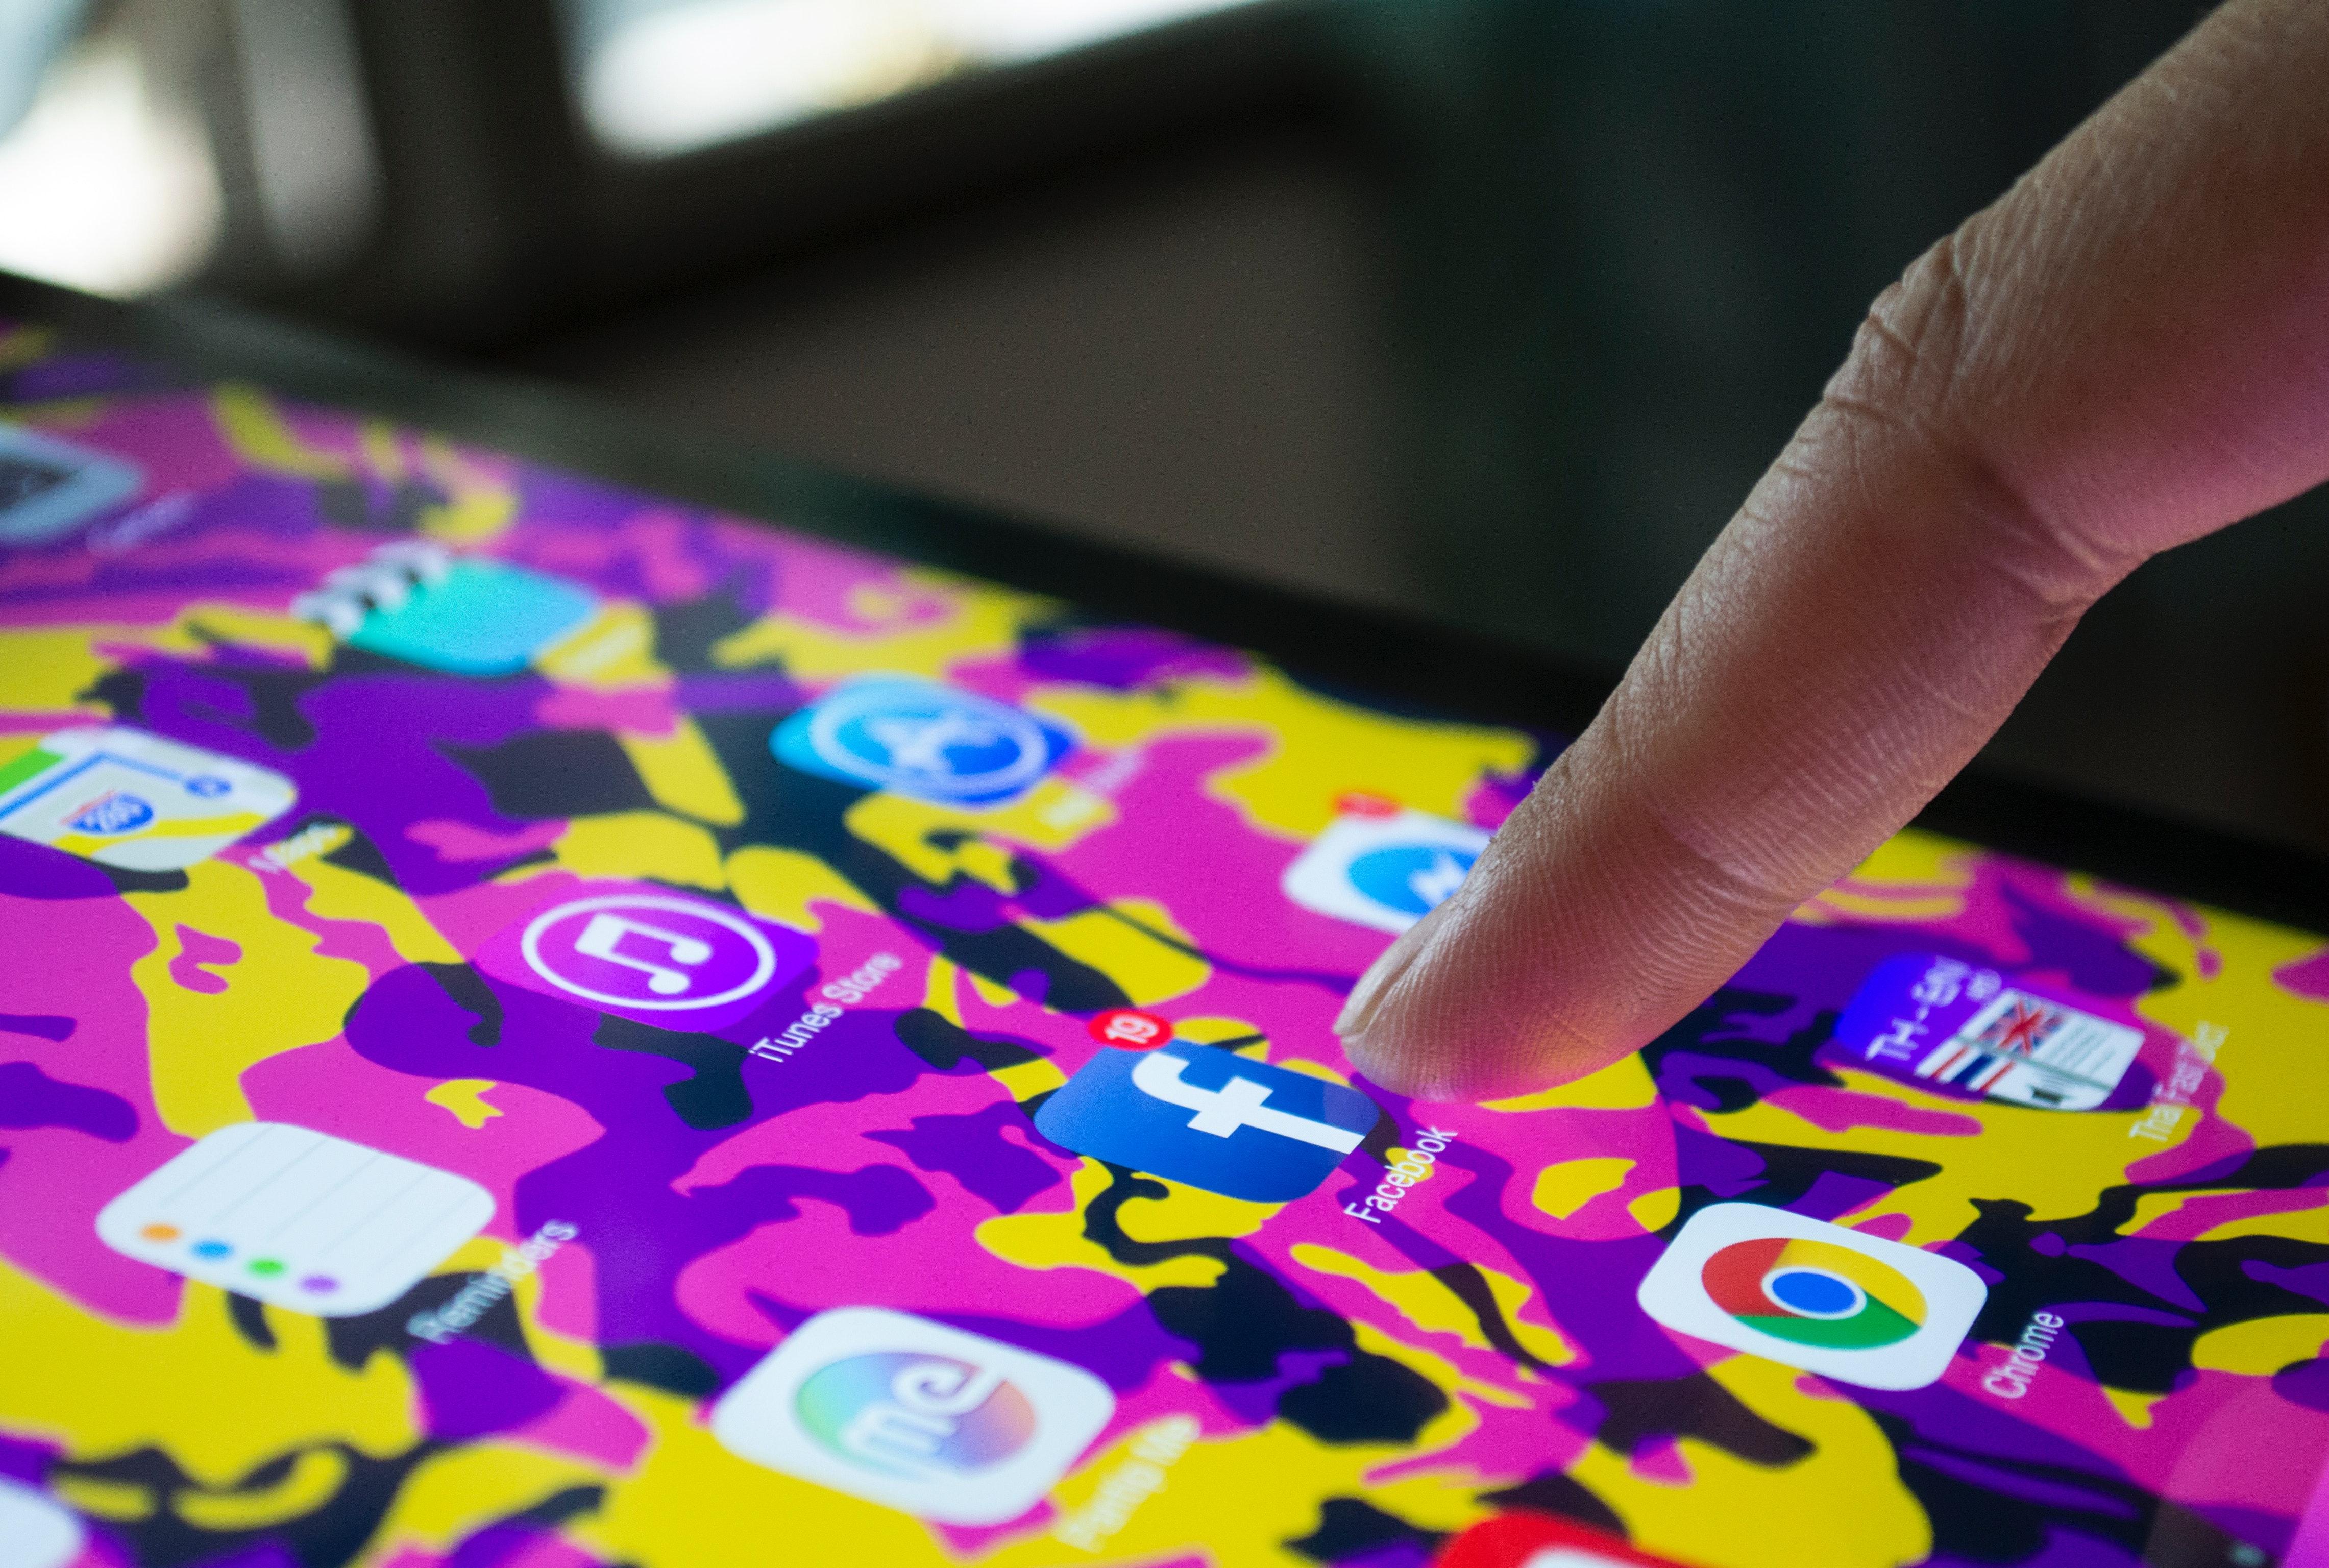 Facebook lar brukerne dele musikk gjennom deres historier og profiler